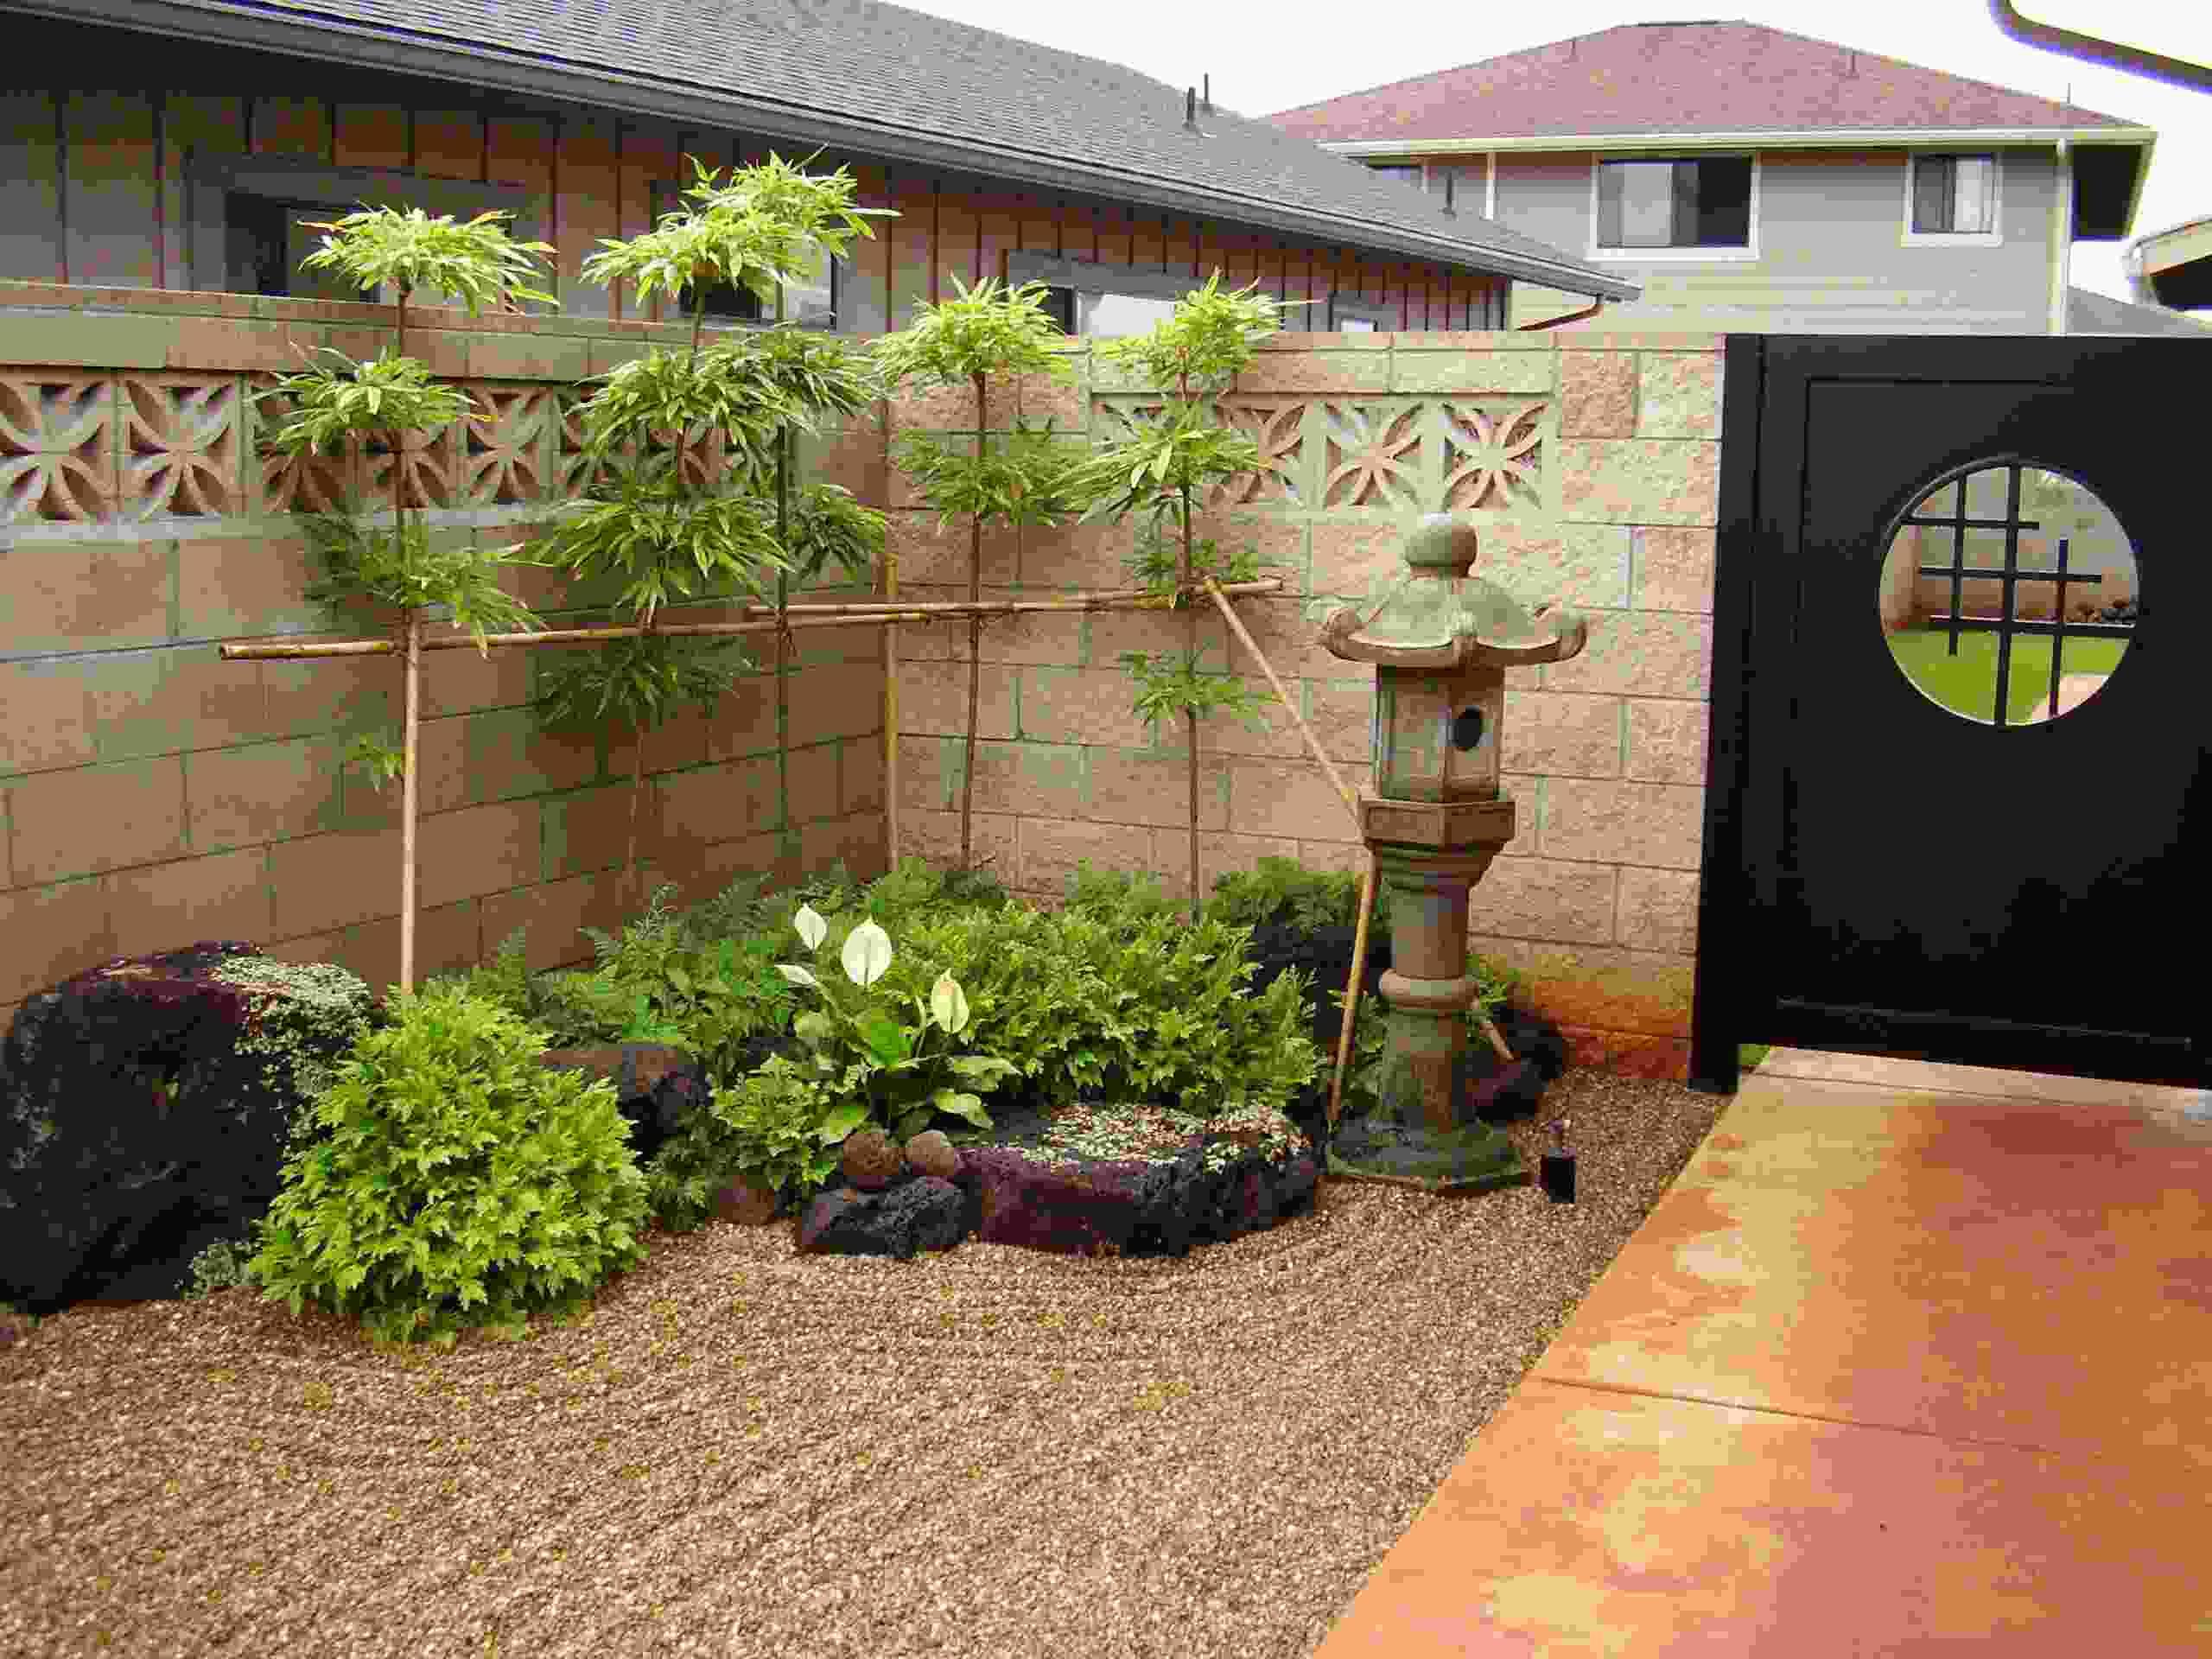 Planter Des Bambous Dans Son Jardin - Quelle Bonne Idée! intérieur Idee De Plantation Pour Jardin